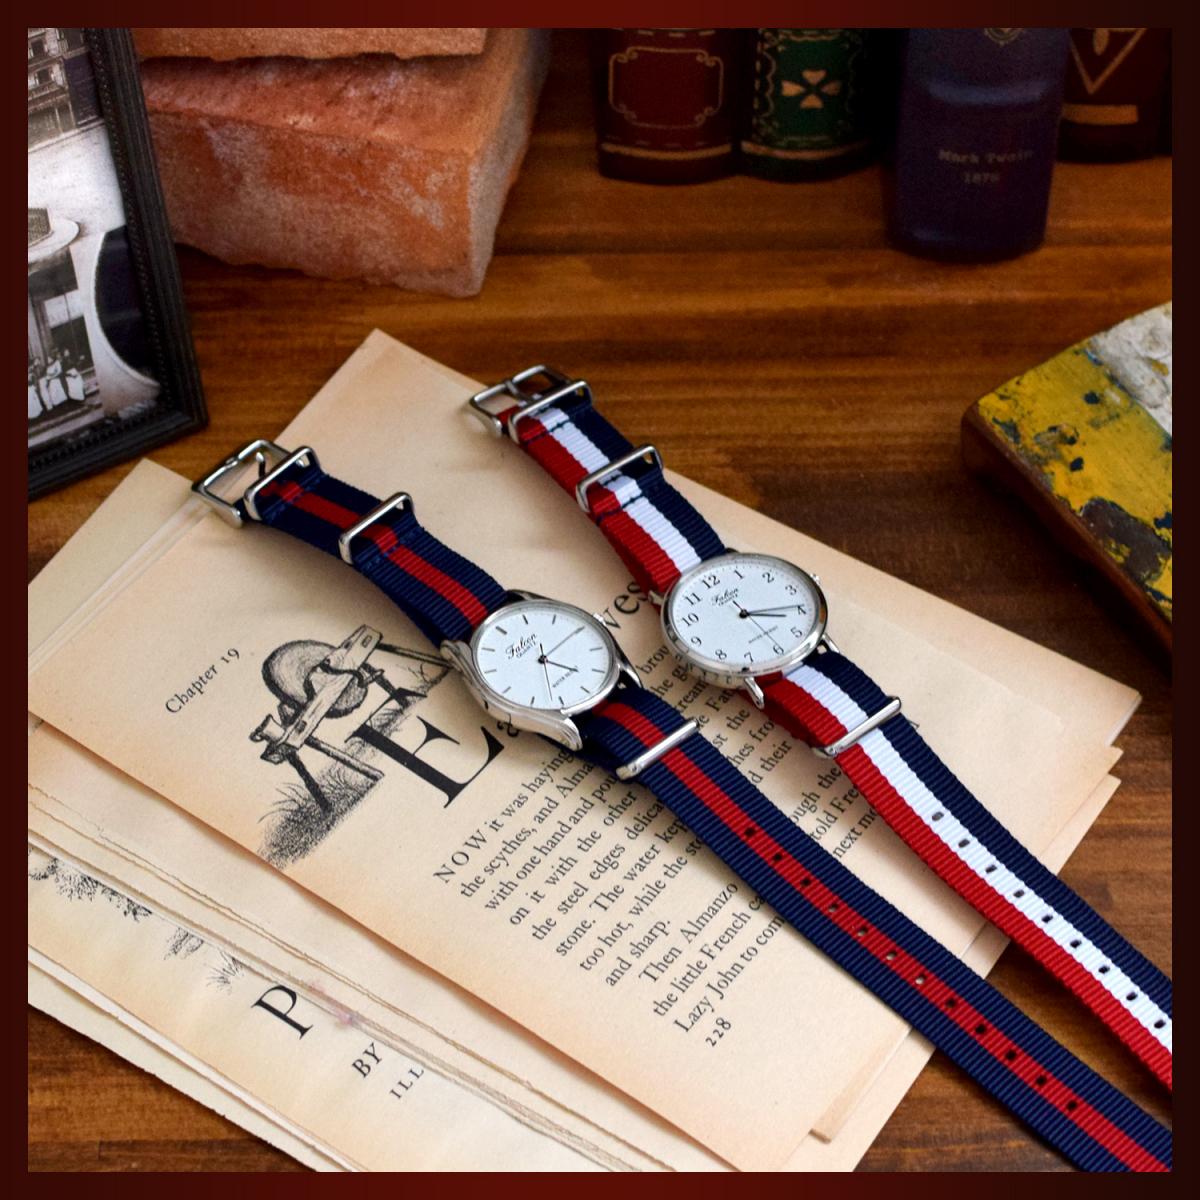 時計ベルト NATO シルバーバックル ショートサイズ 18mm 5本セット 取付けマニュアル 腕時計バンド_画像6